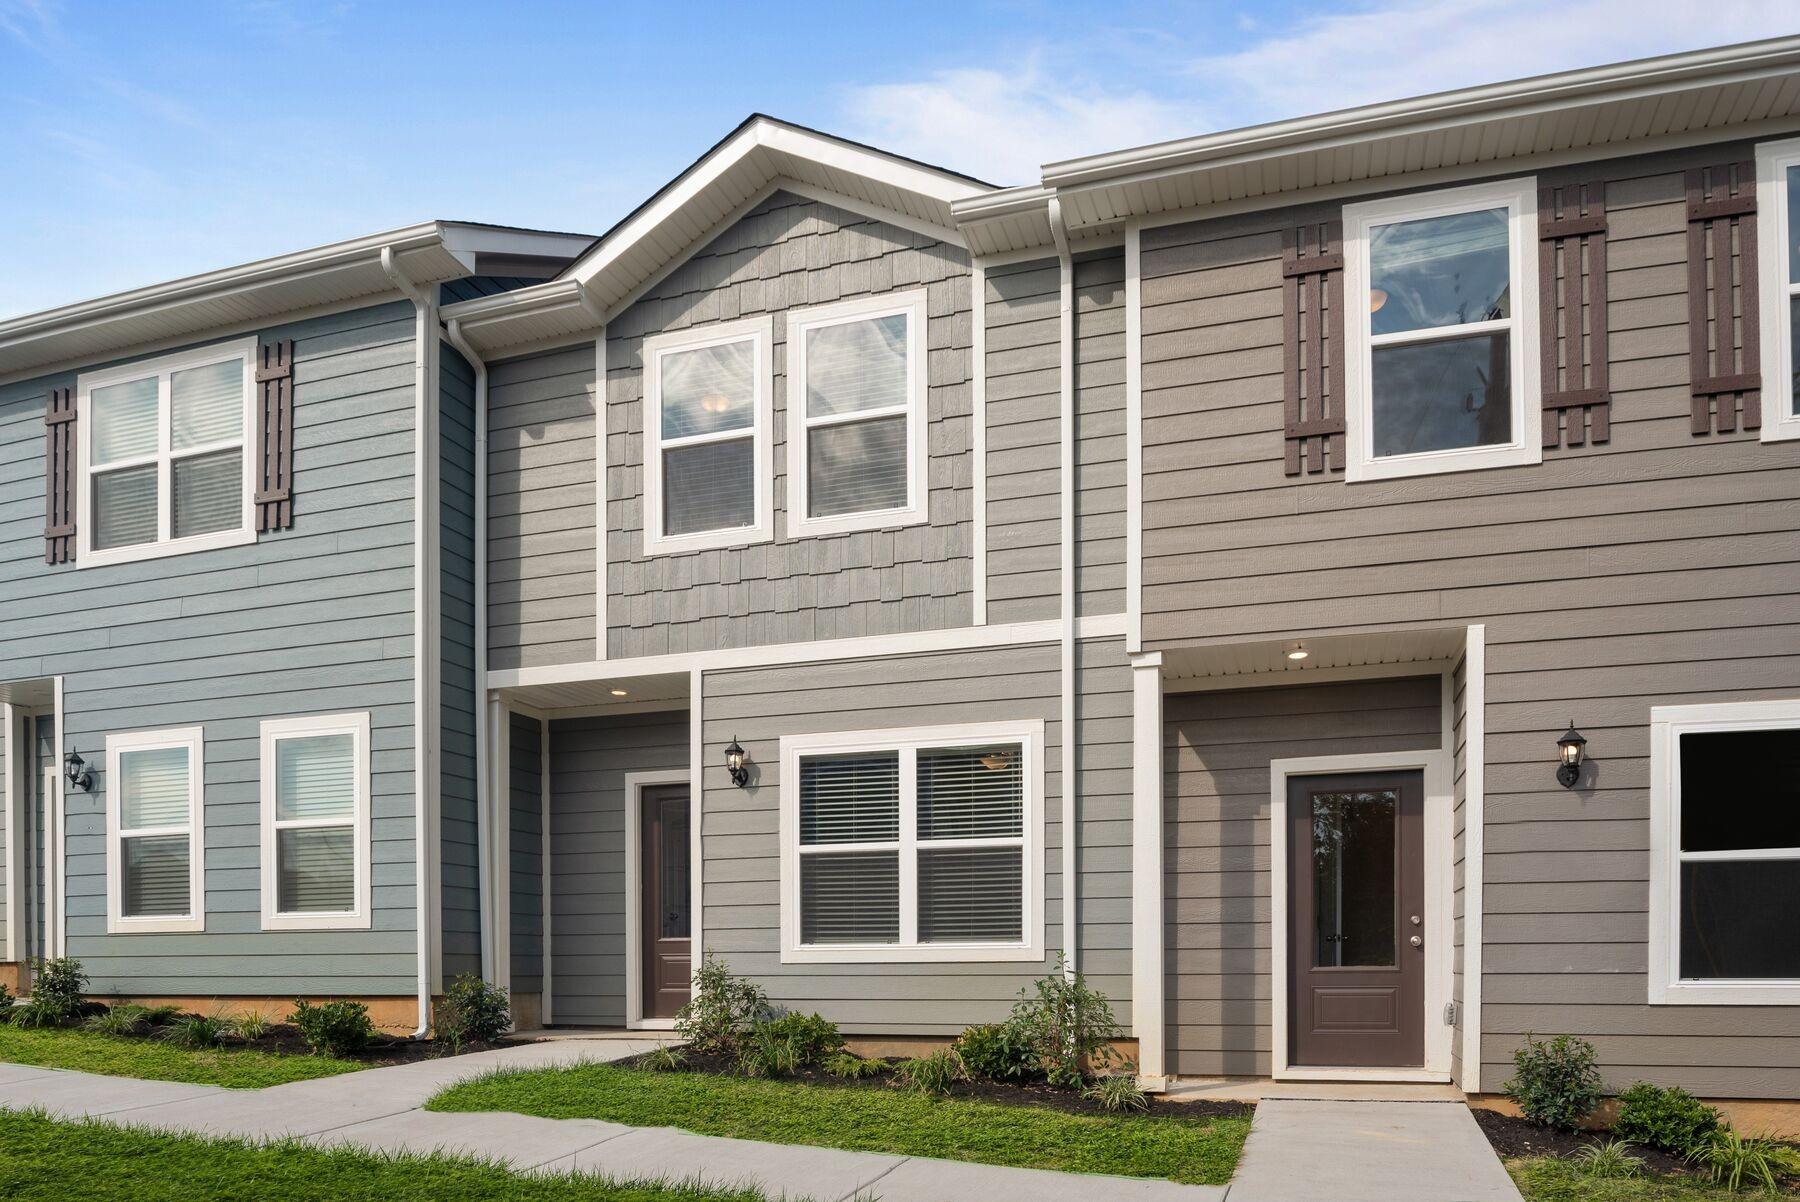 114 Ofner Dr, LA VERGNE, TN 37086 - LA VERGNE, TN real estate listing